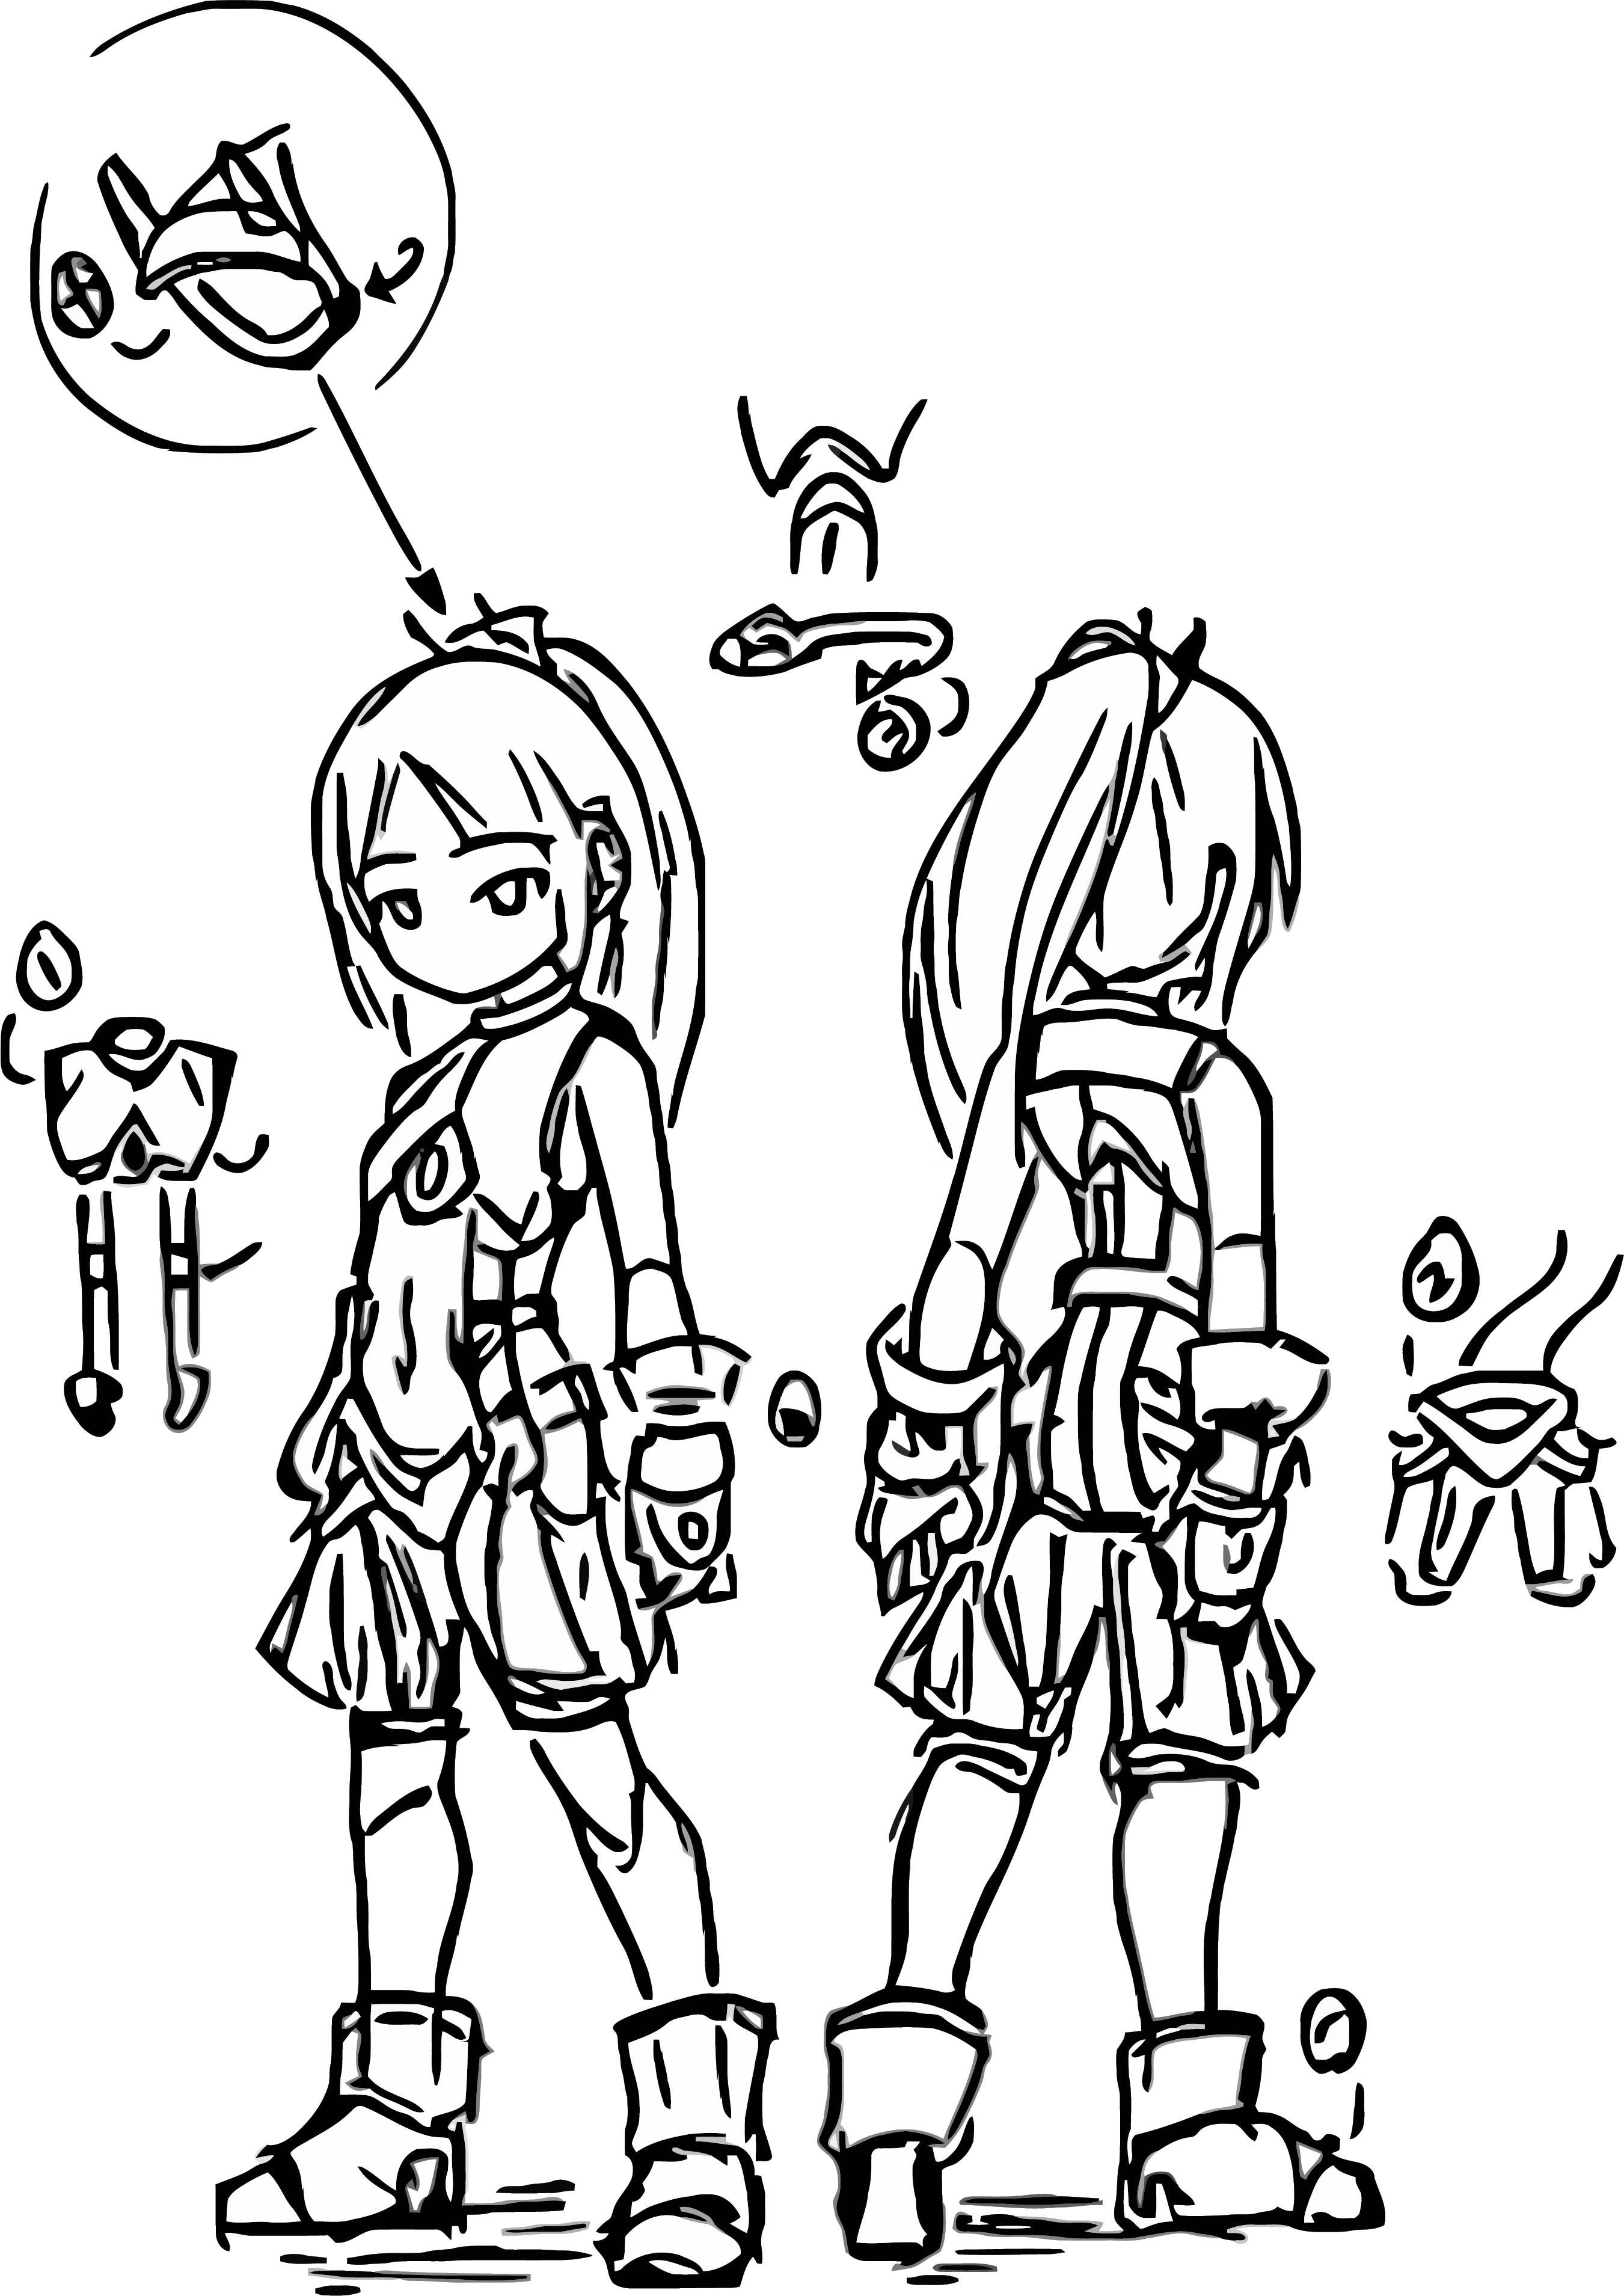 Character Design Ivori Kaiyuan Coloring Page